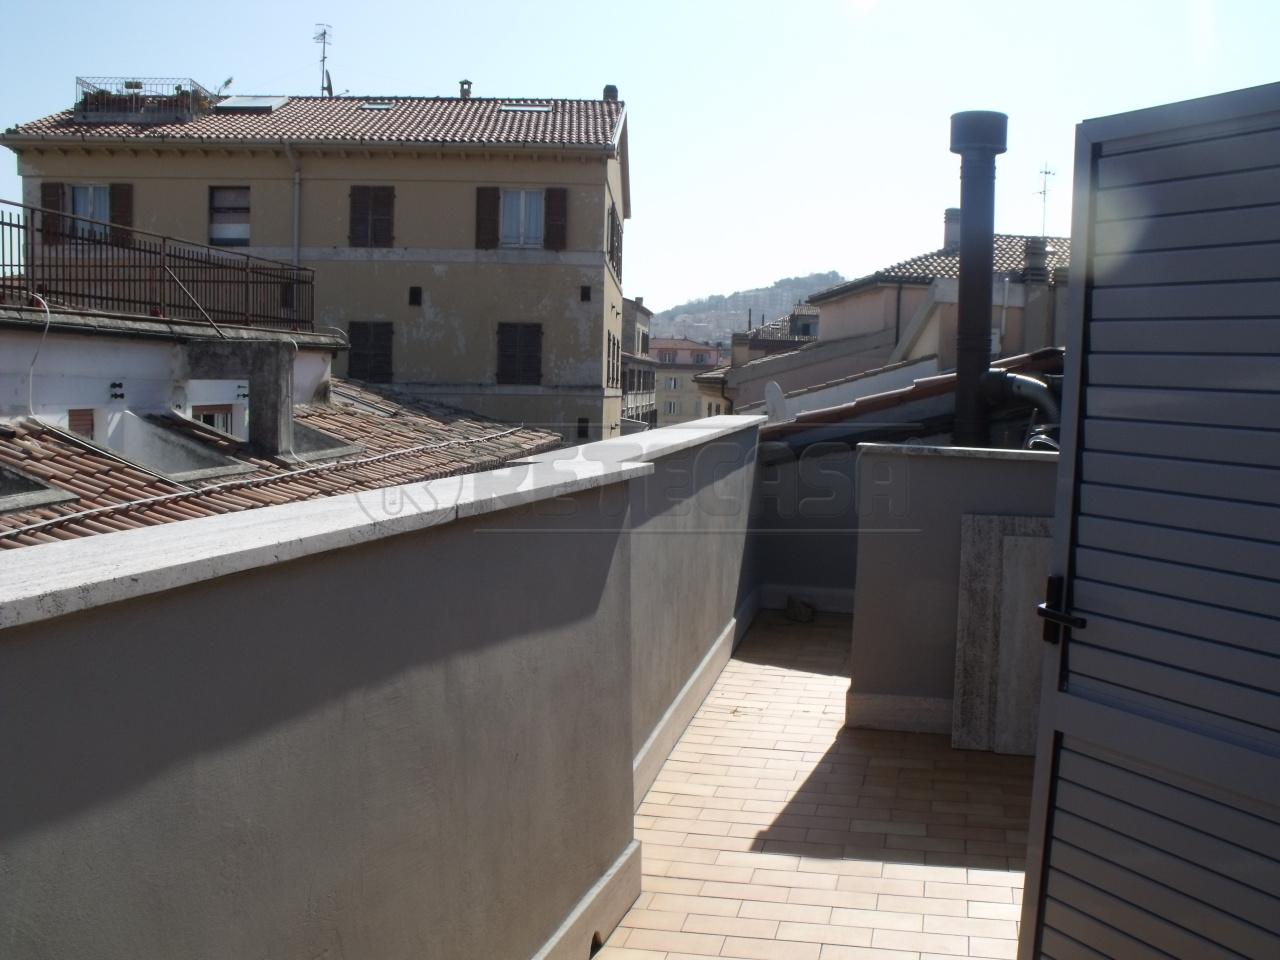 Attico / Mansarda in vendita a Ancona, 3 locali, prezzo € 220.000 | Cambio Casa.it